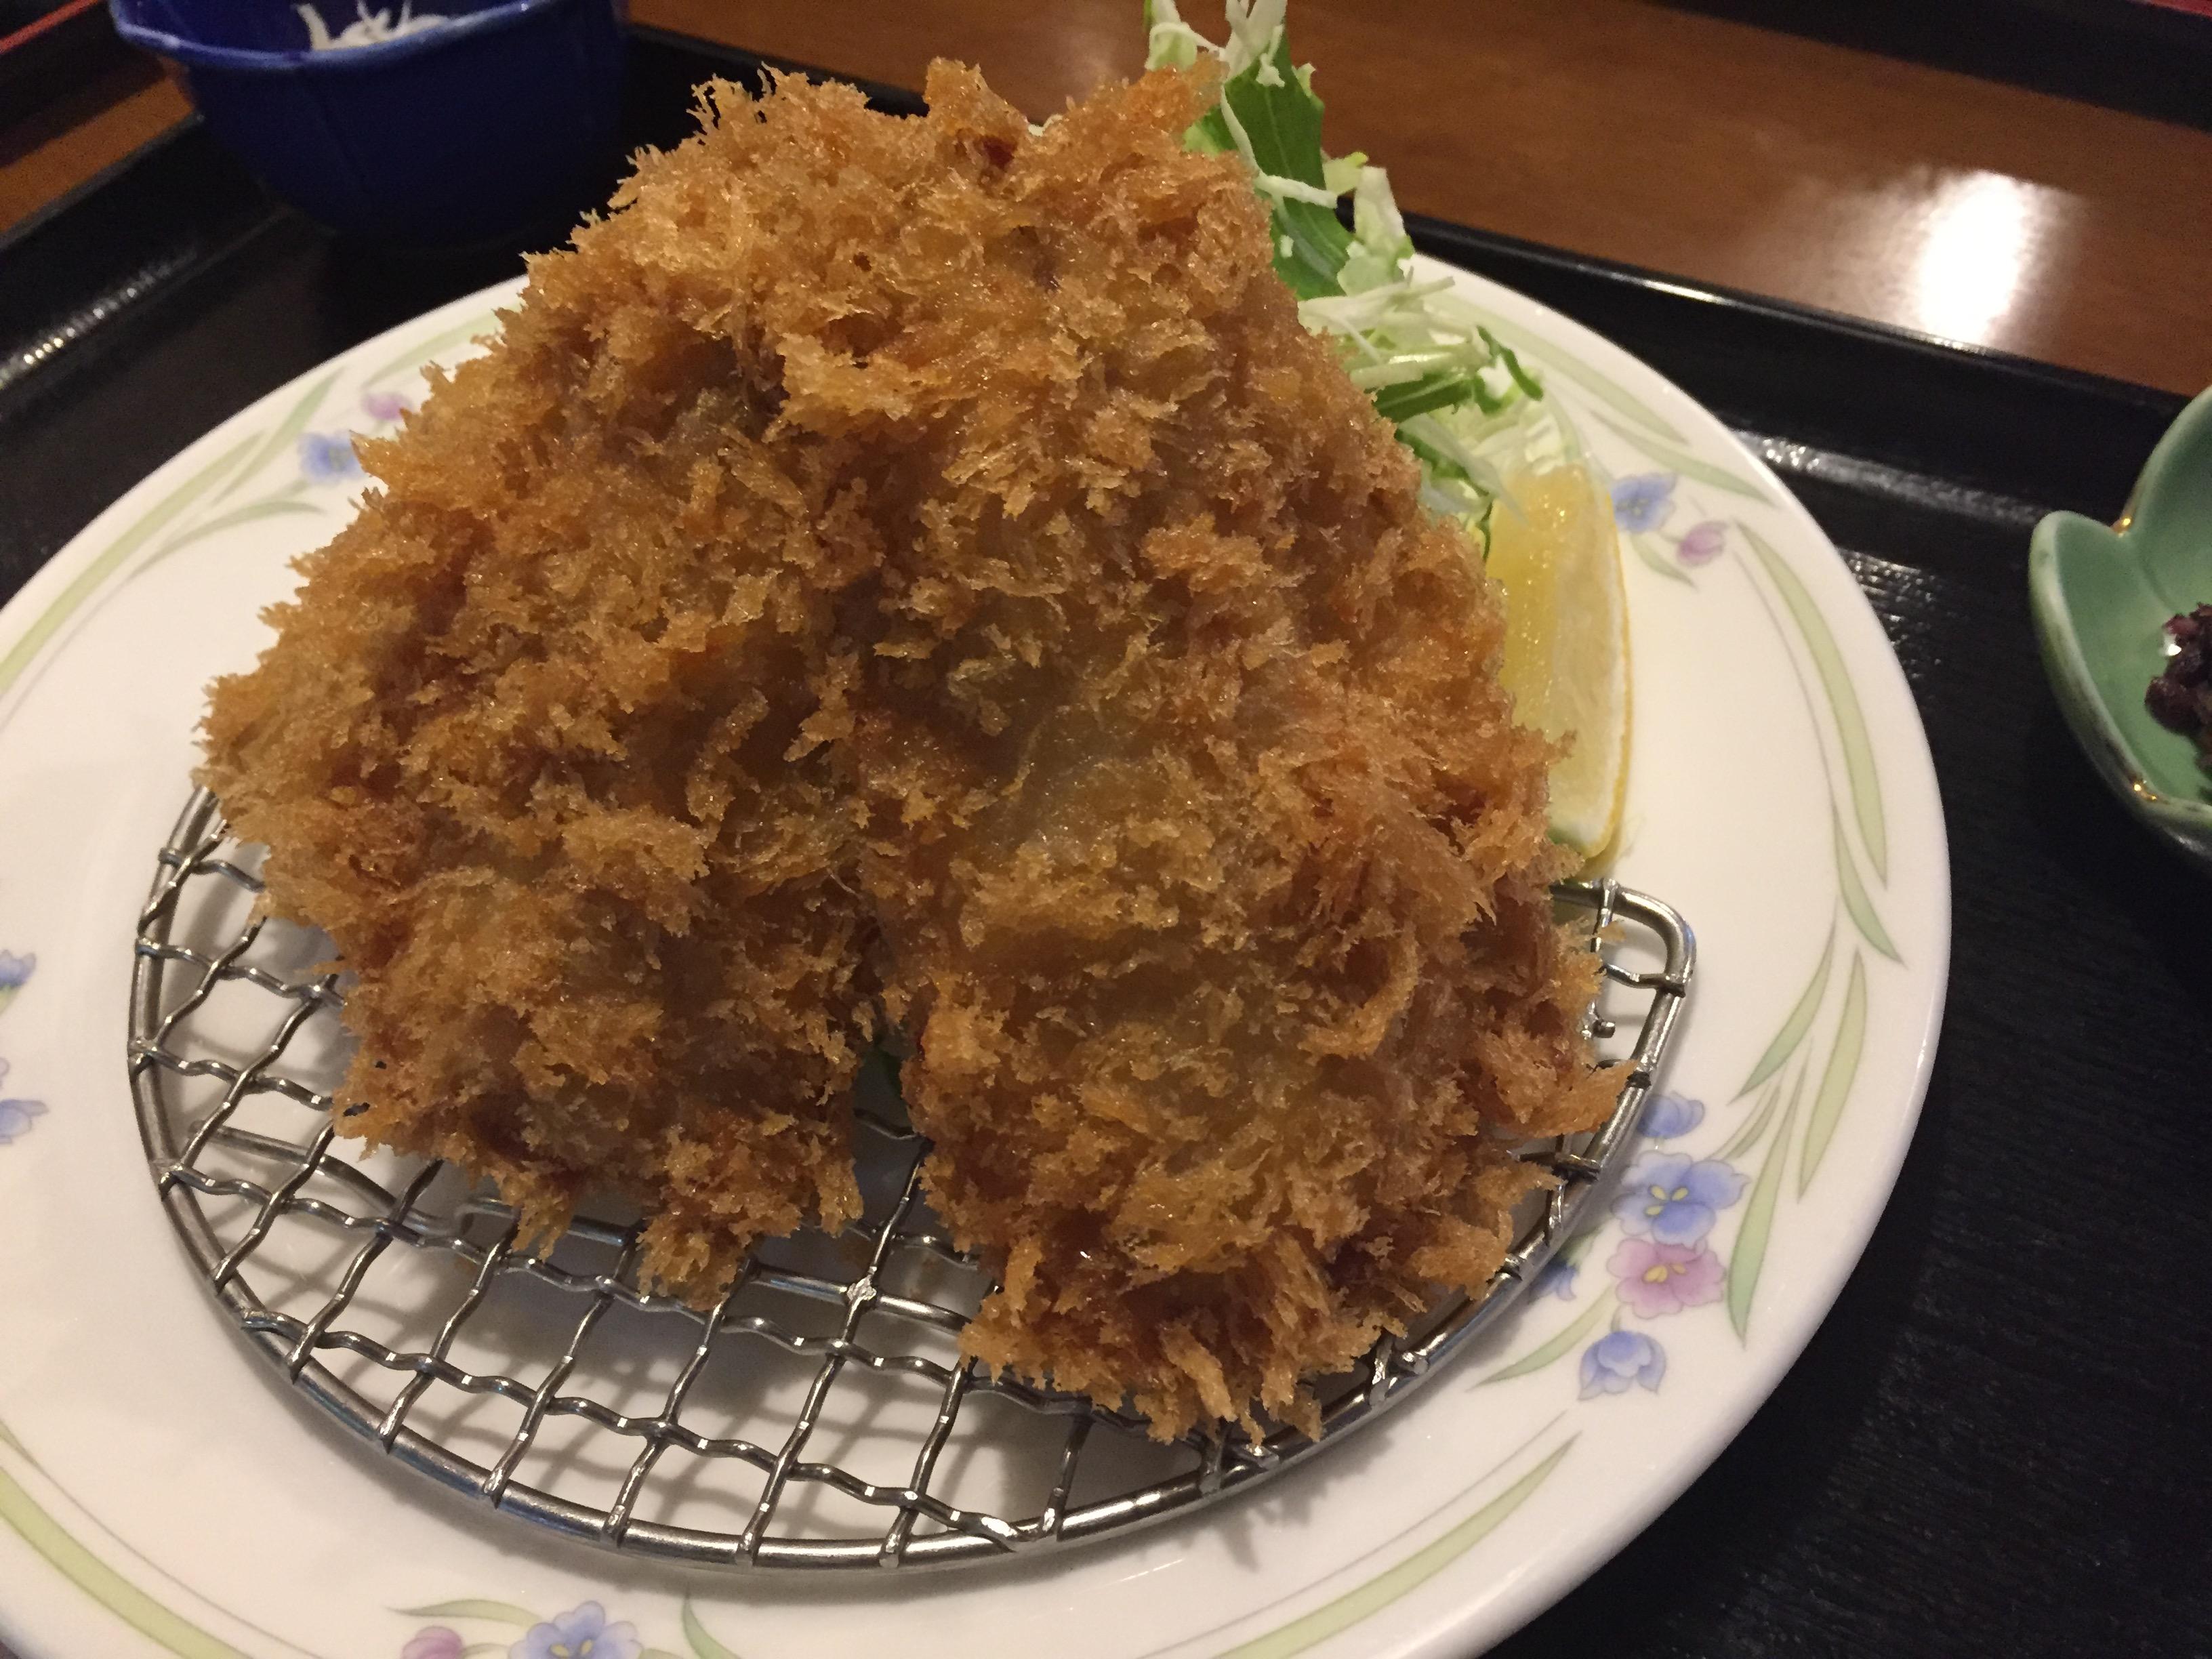 小田原 アジフライ お食事処 大原 早川漁港 ランチ アジフライ定食 人気店